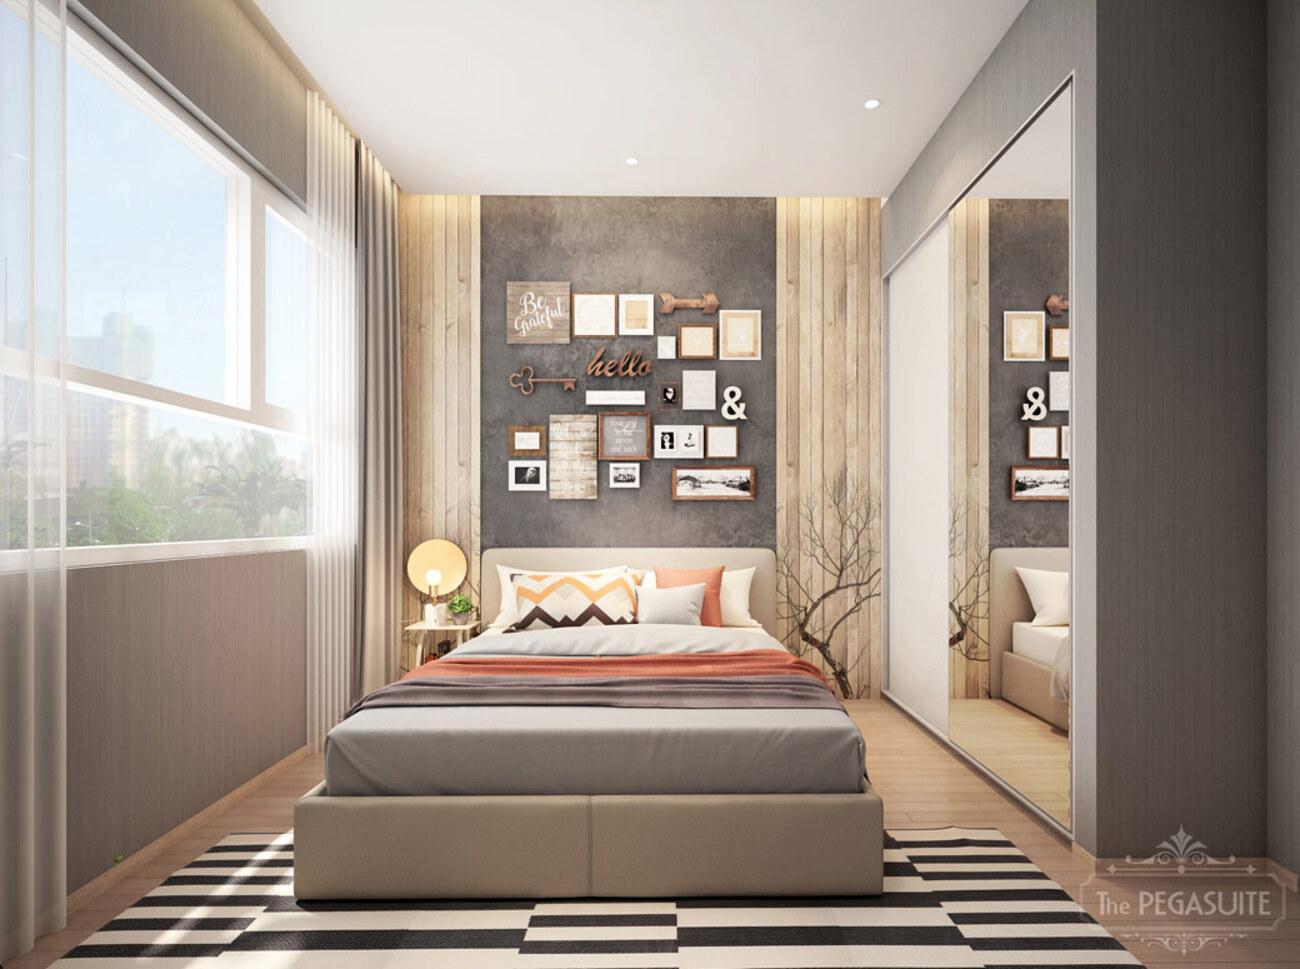 nhà mẫu dự án căn hộ cao cấp The Pegasuite 3 đường Đào Trí Quận 7